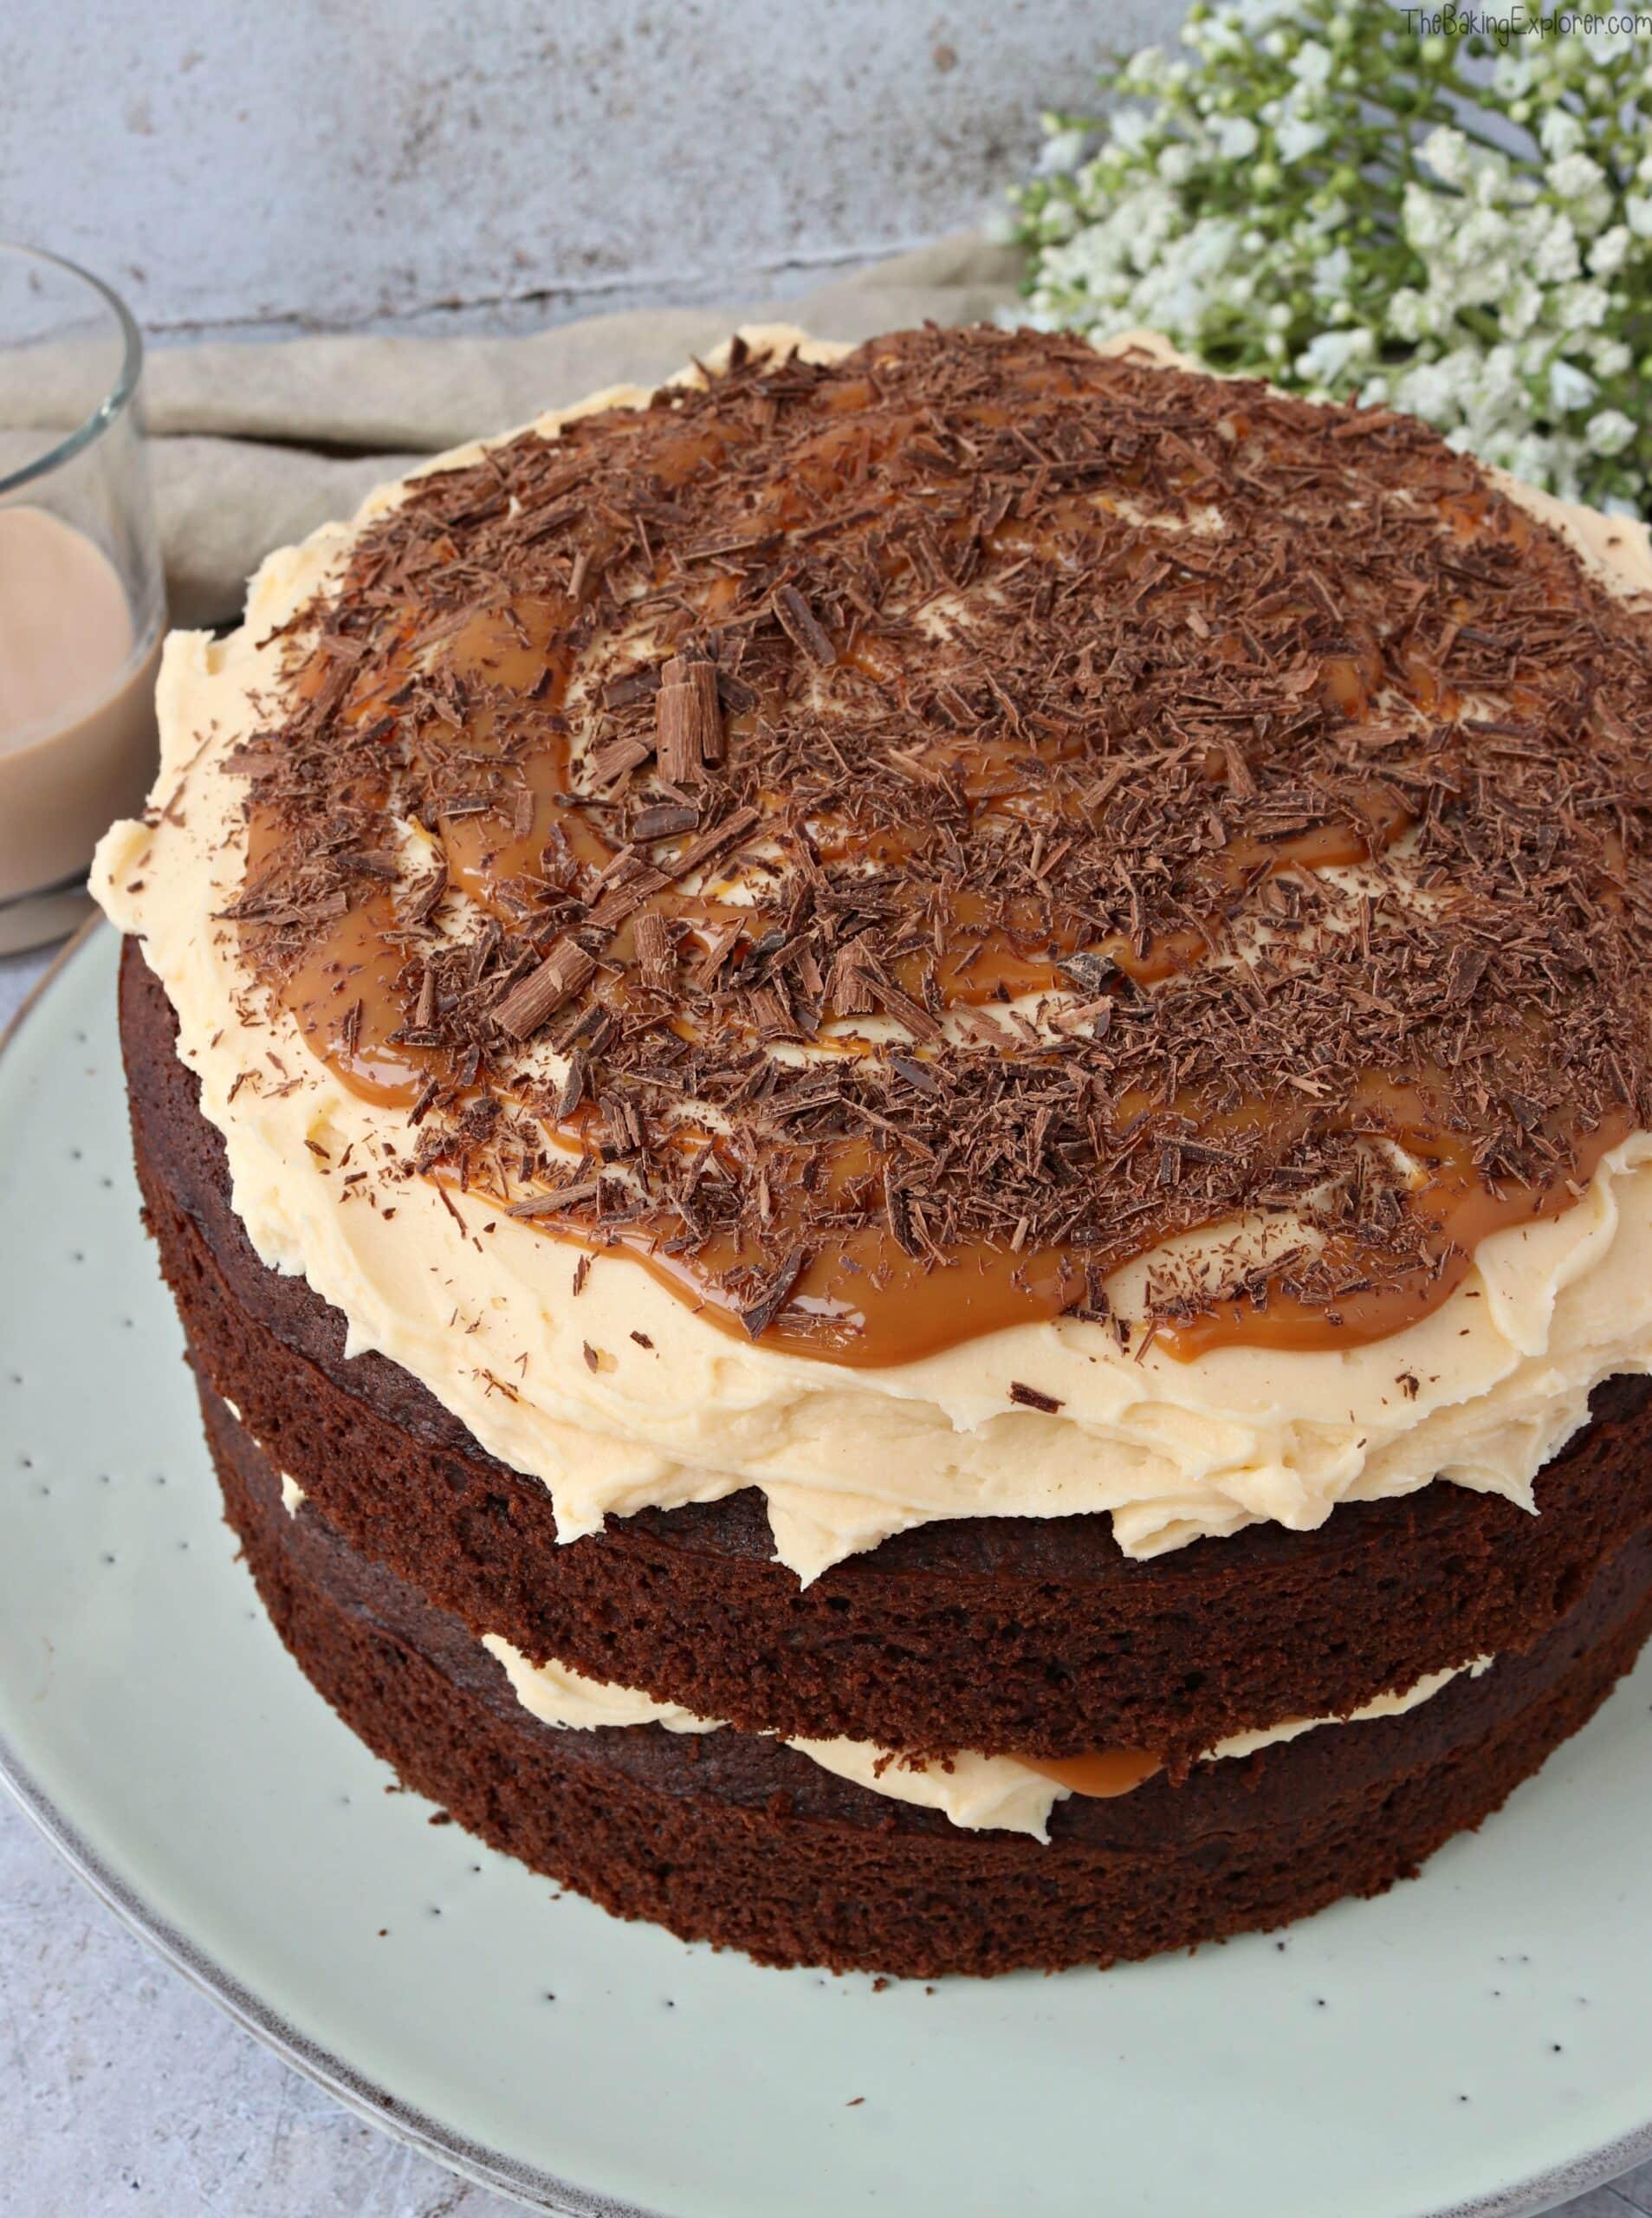 Amarula, Chocolate & Caramel Cake